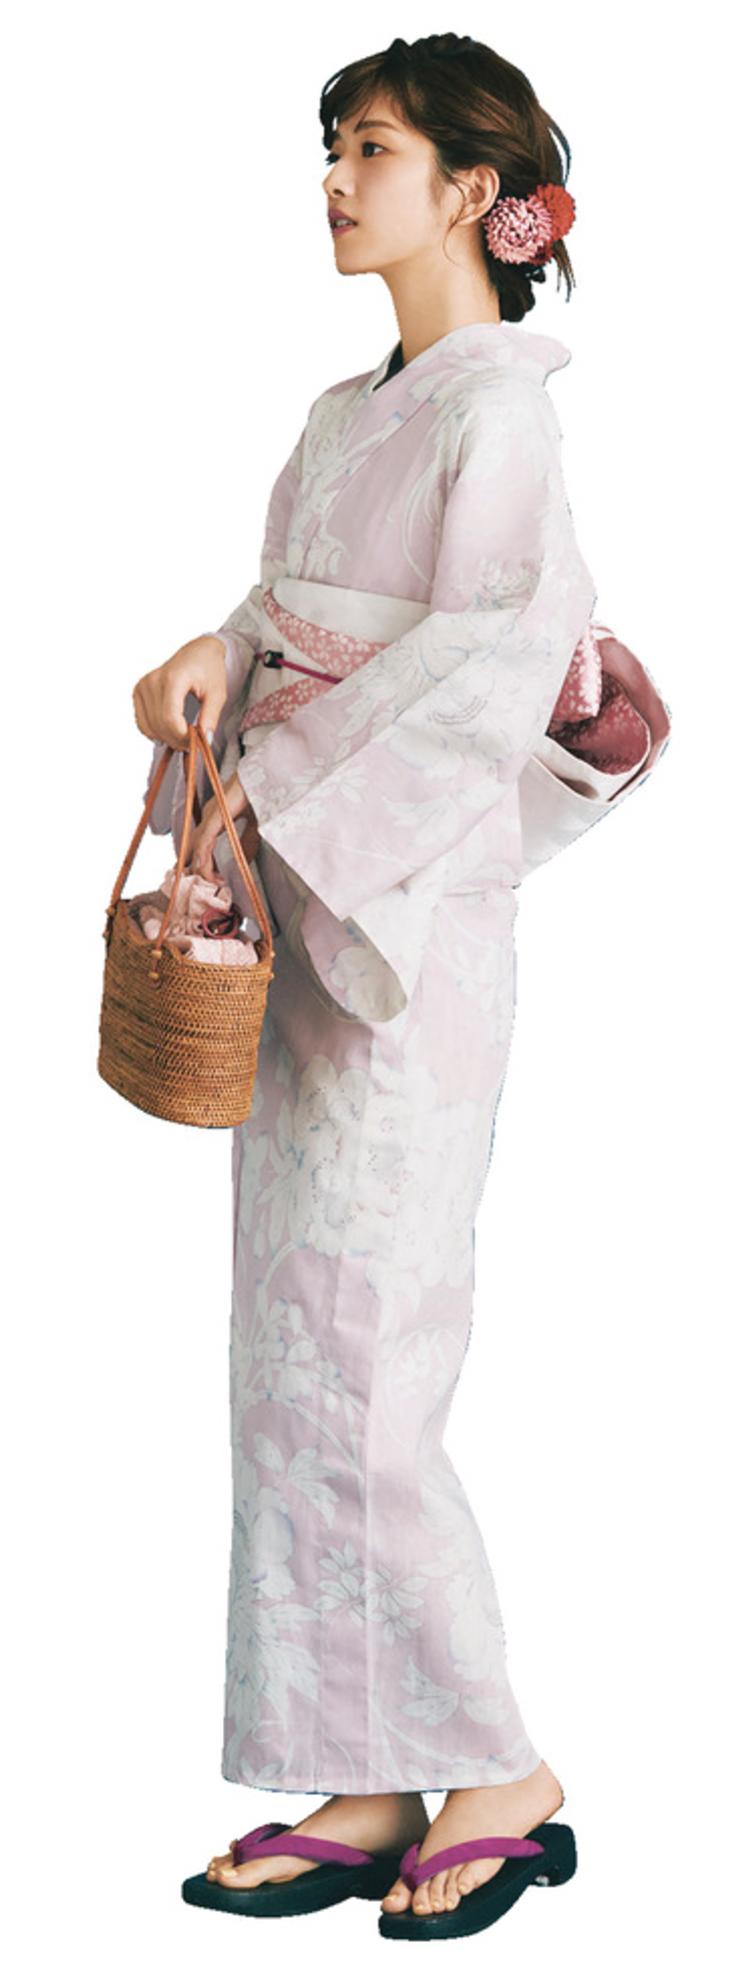 淡いピンク地に、いろい派ながらが繊細に描かれている浴衣を着用したモデルを、左側から撮影した写真。手にはかごバッグを持っており、草履の鼻緒は紫色。また、ピンクと赤の花の髪飾りをしている。